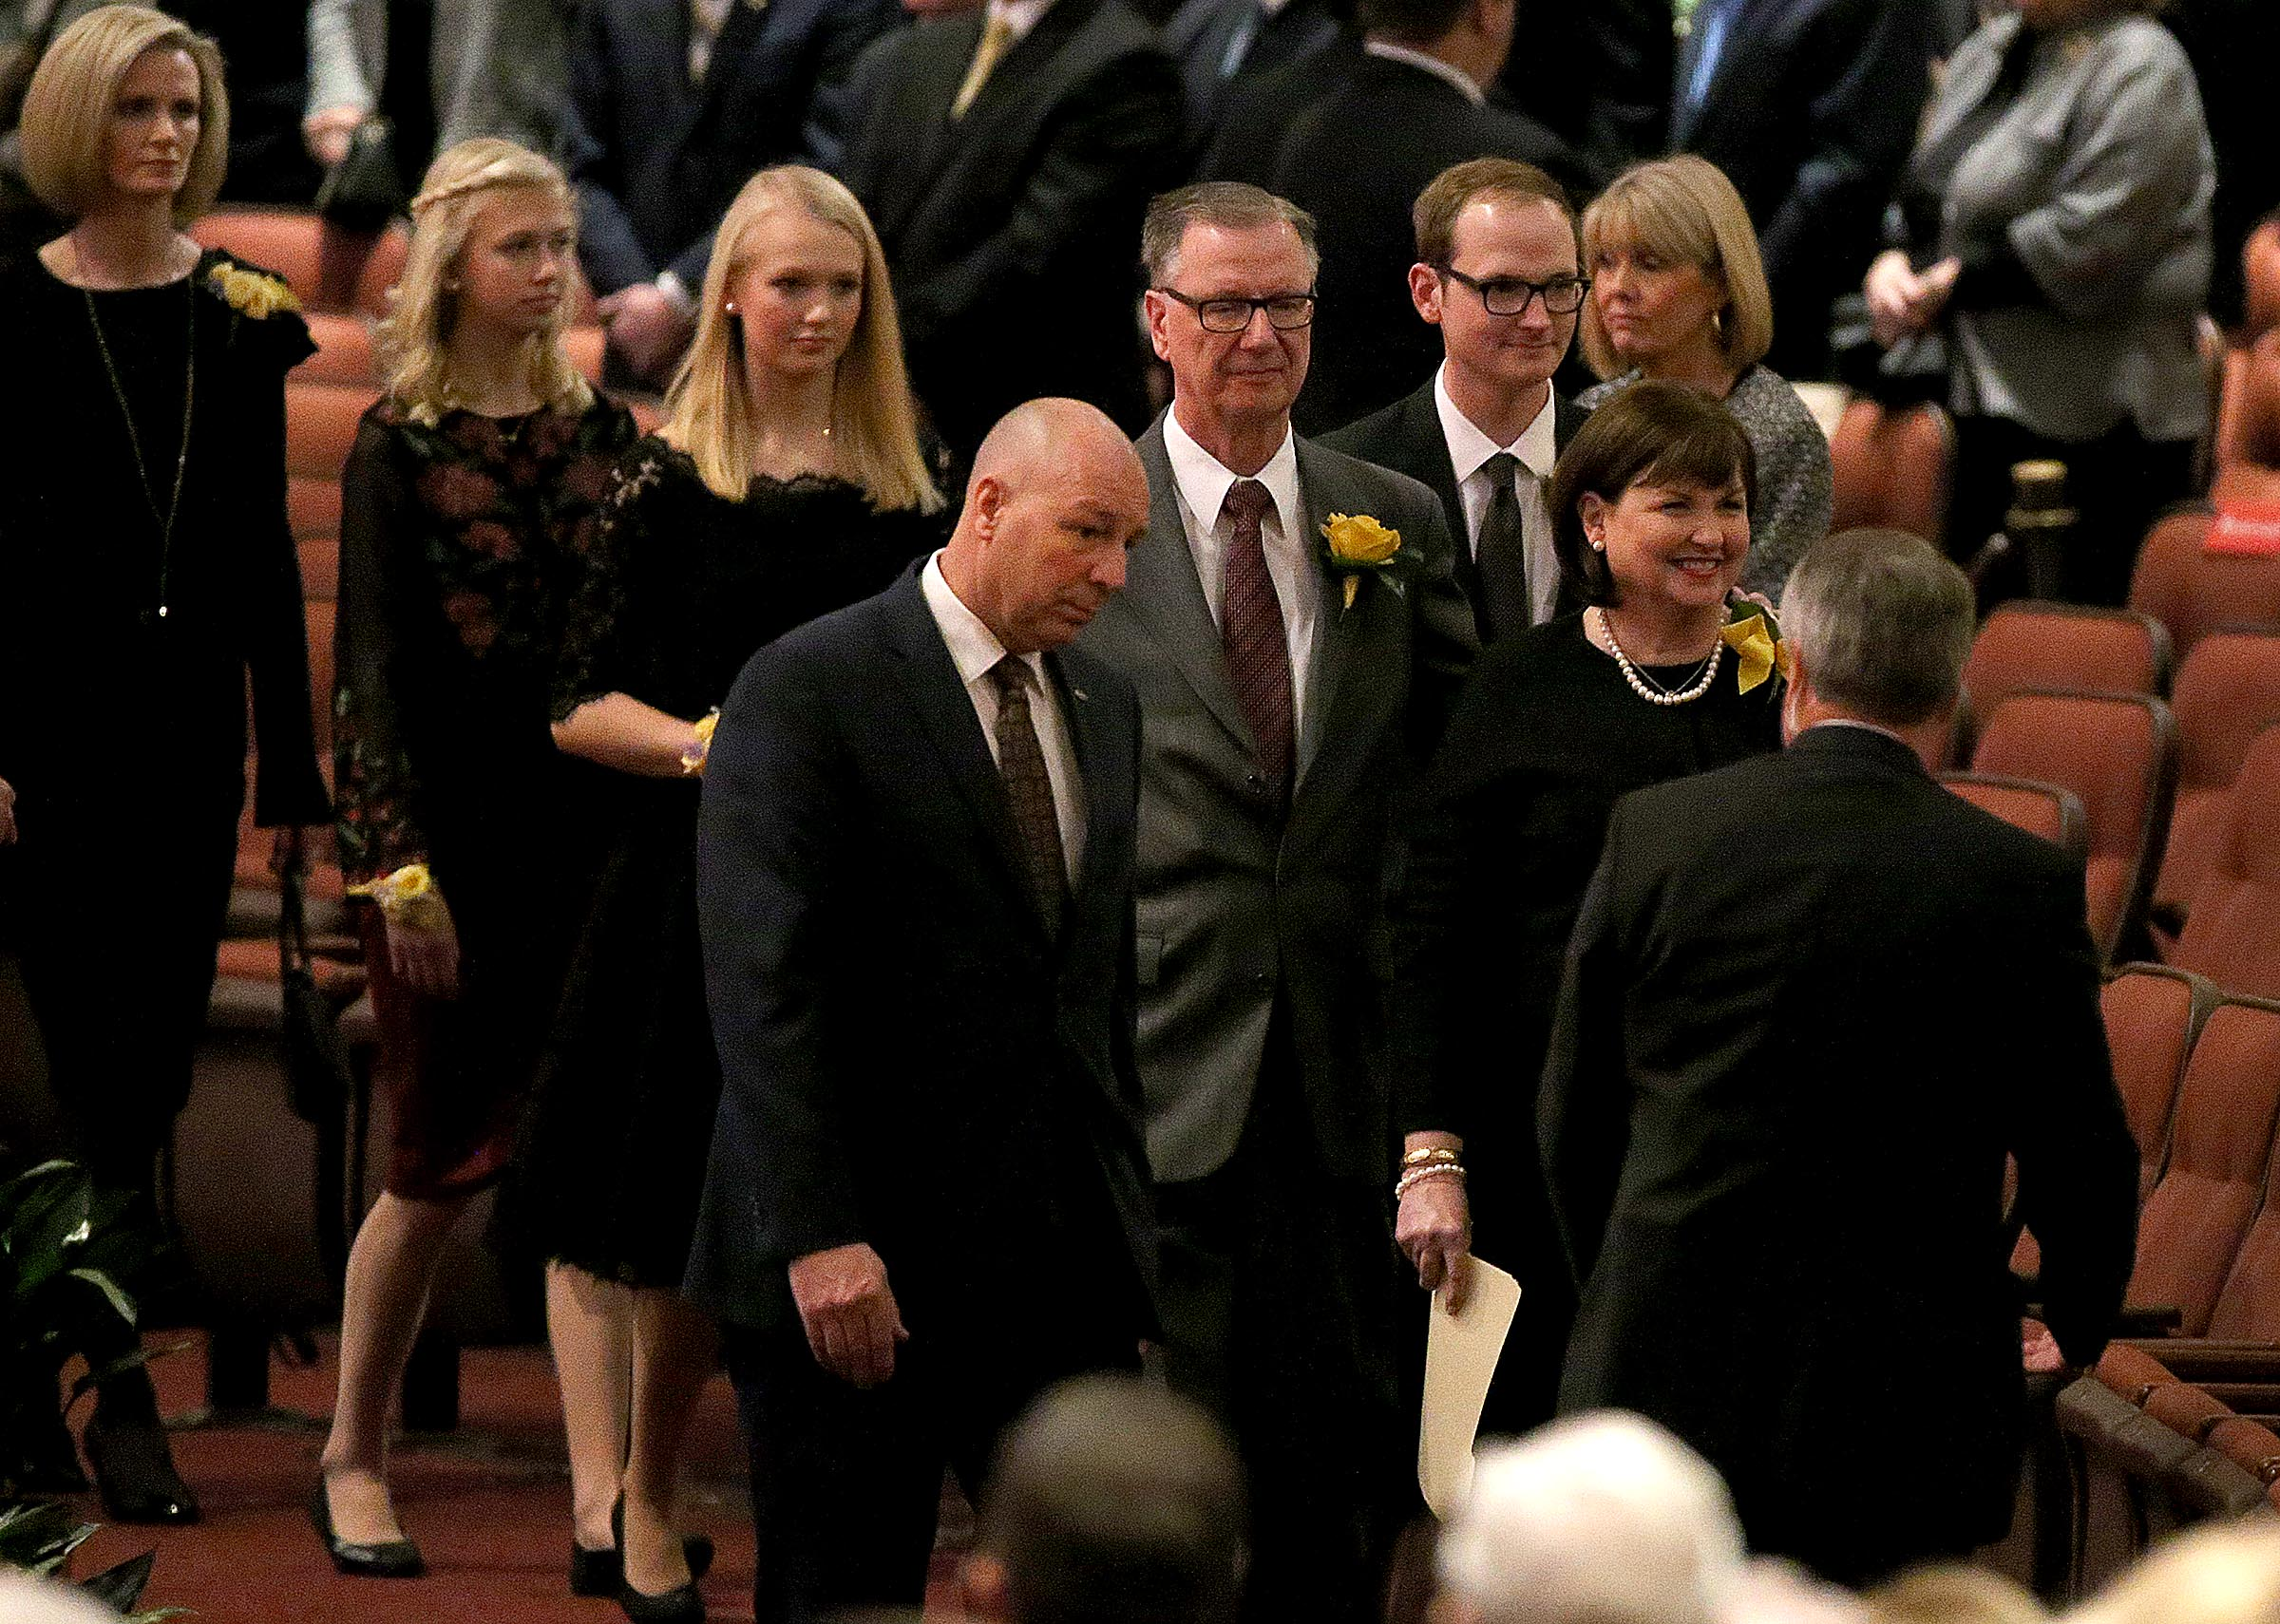 Members of President Thomas S. Monson's family arrive at the Conference Center for President Monson's funeral in Salt Lake City on Friday, Jan. 12, 2018.